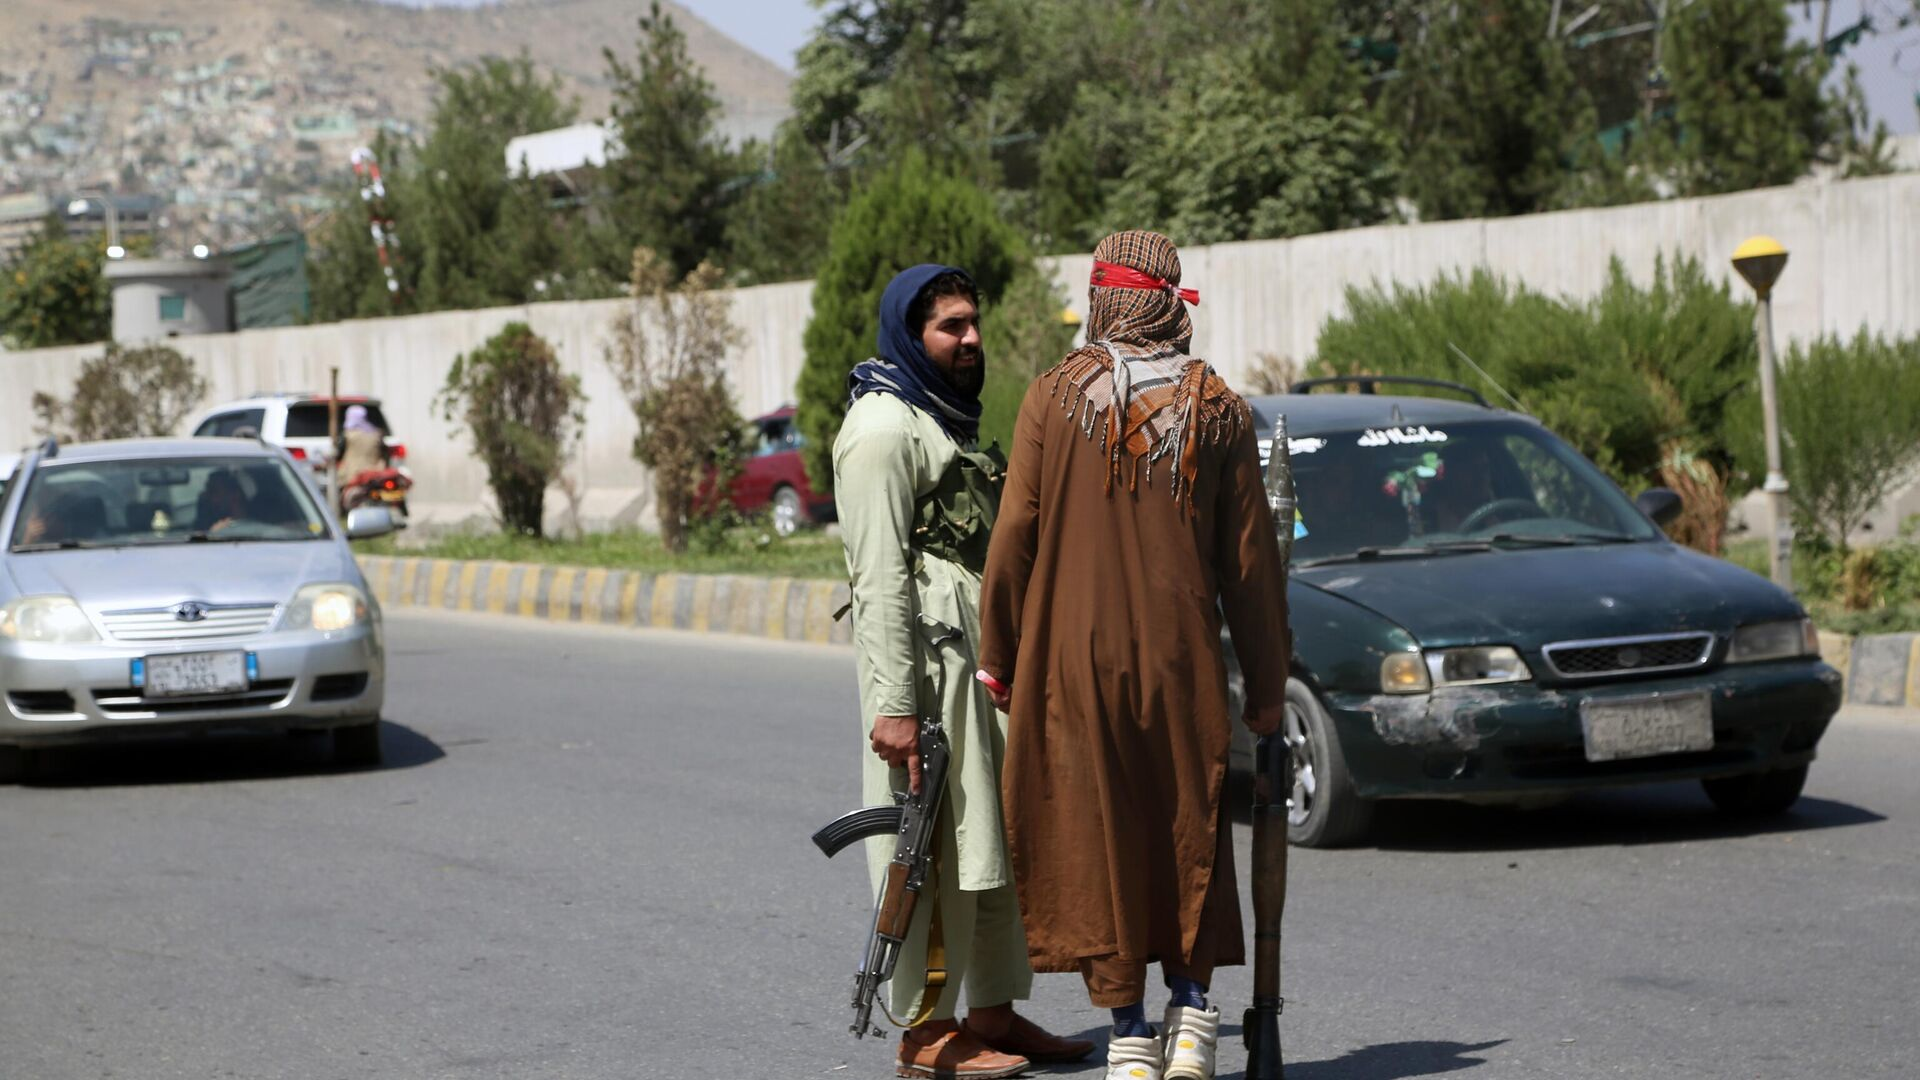 Боевики движения Талибан (террористическая организация, запрещена в России) в Кабуле - Sputnik Тоҷикистон, 1920, 30.08.2021